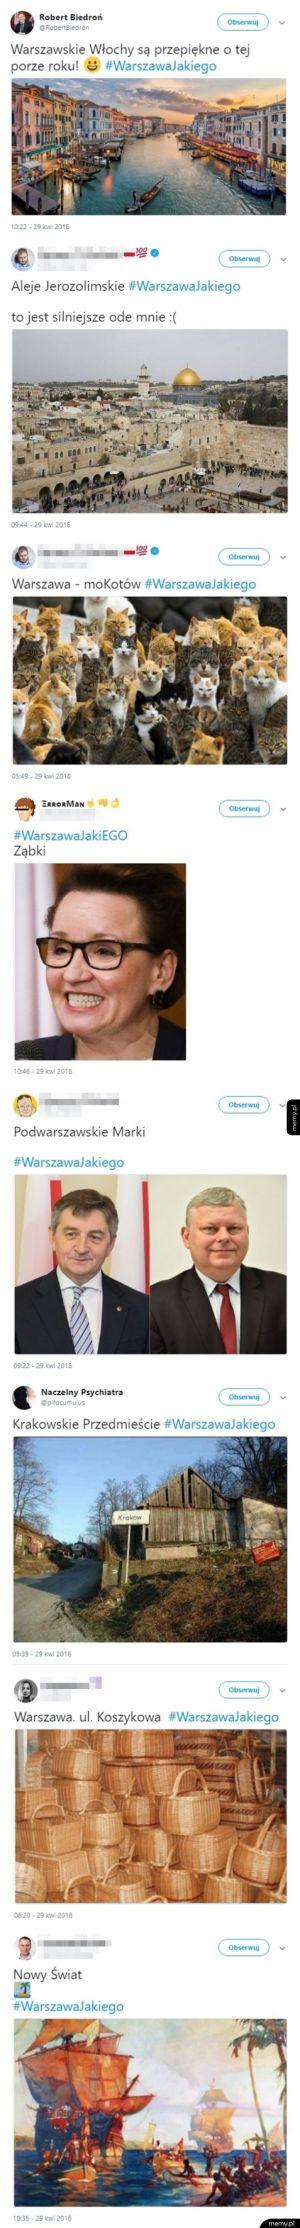 Warszawa według Patryka Jakiego